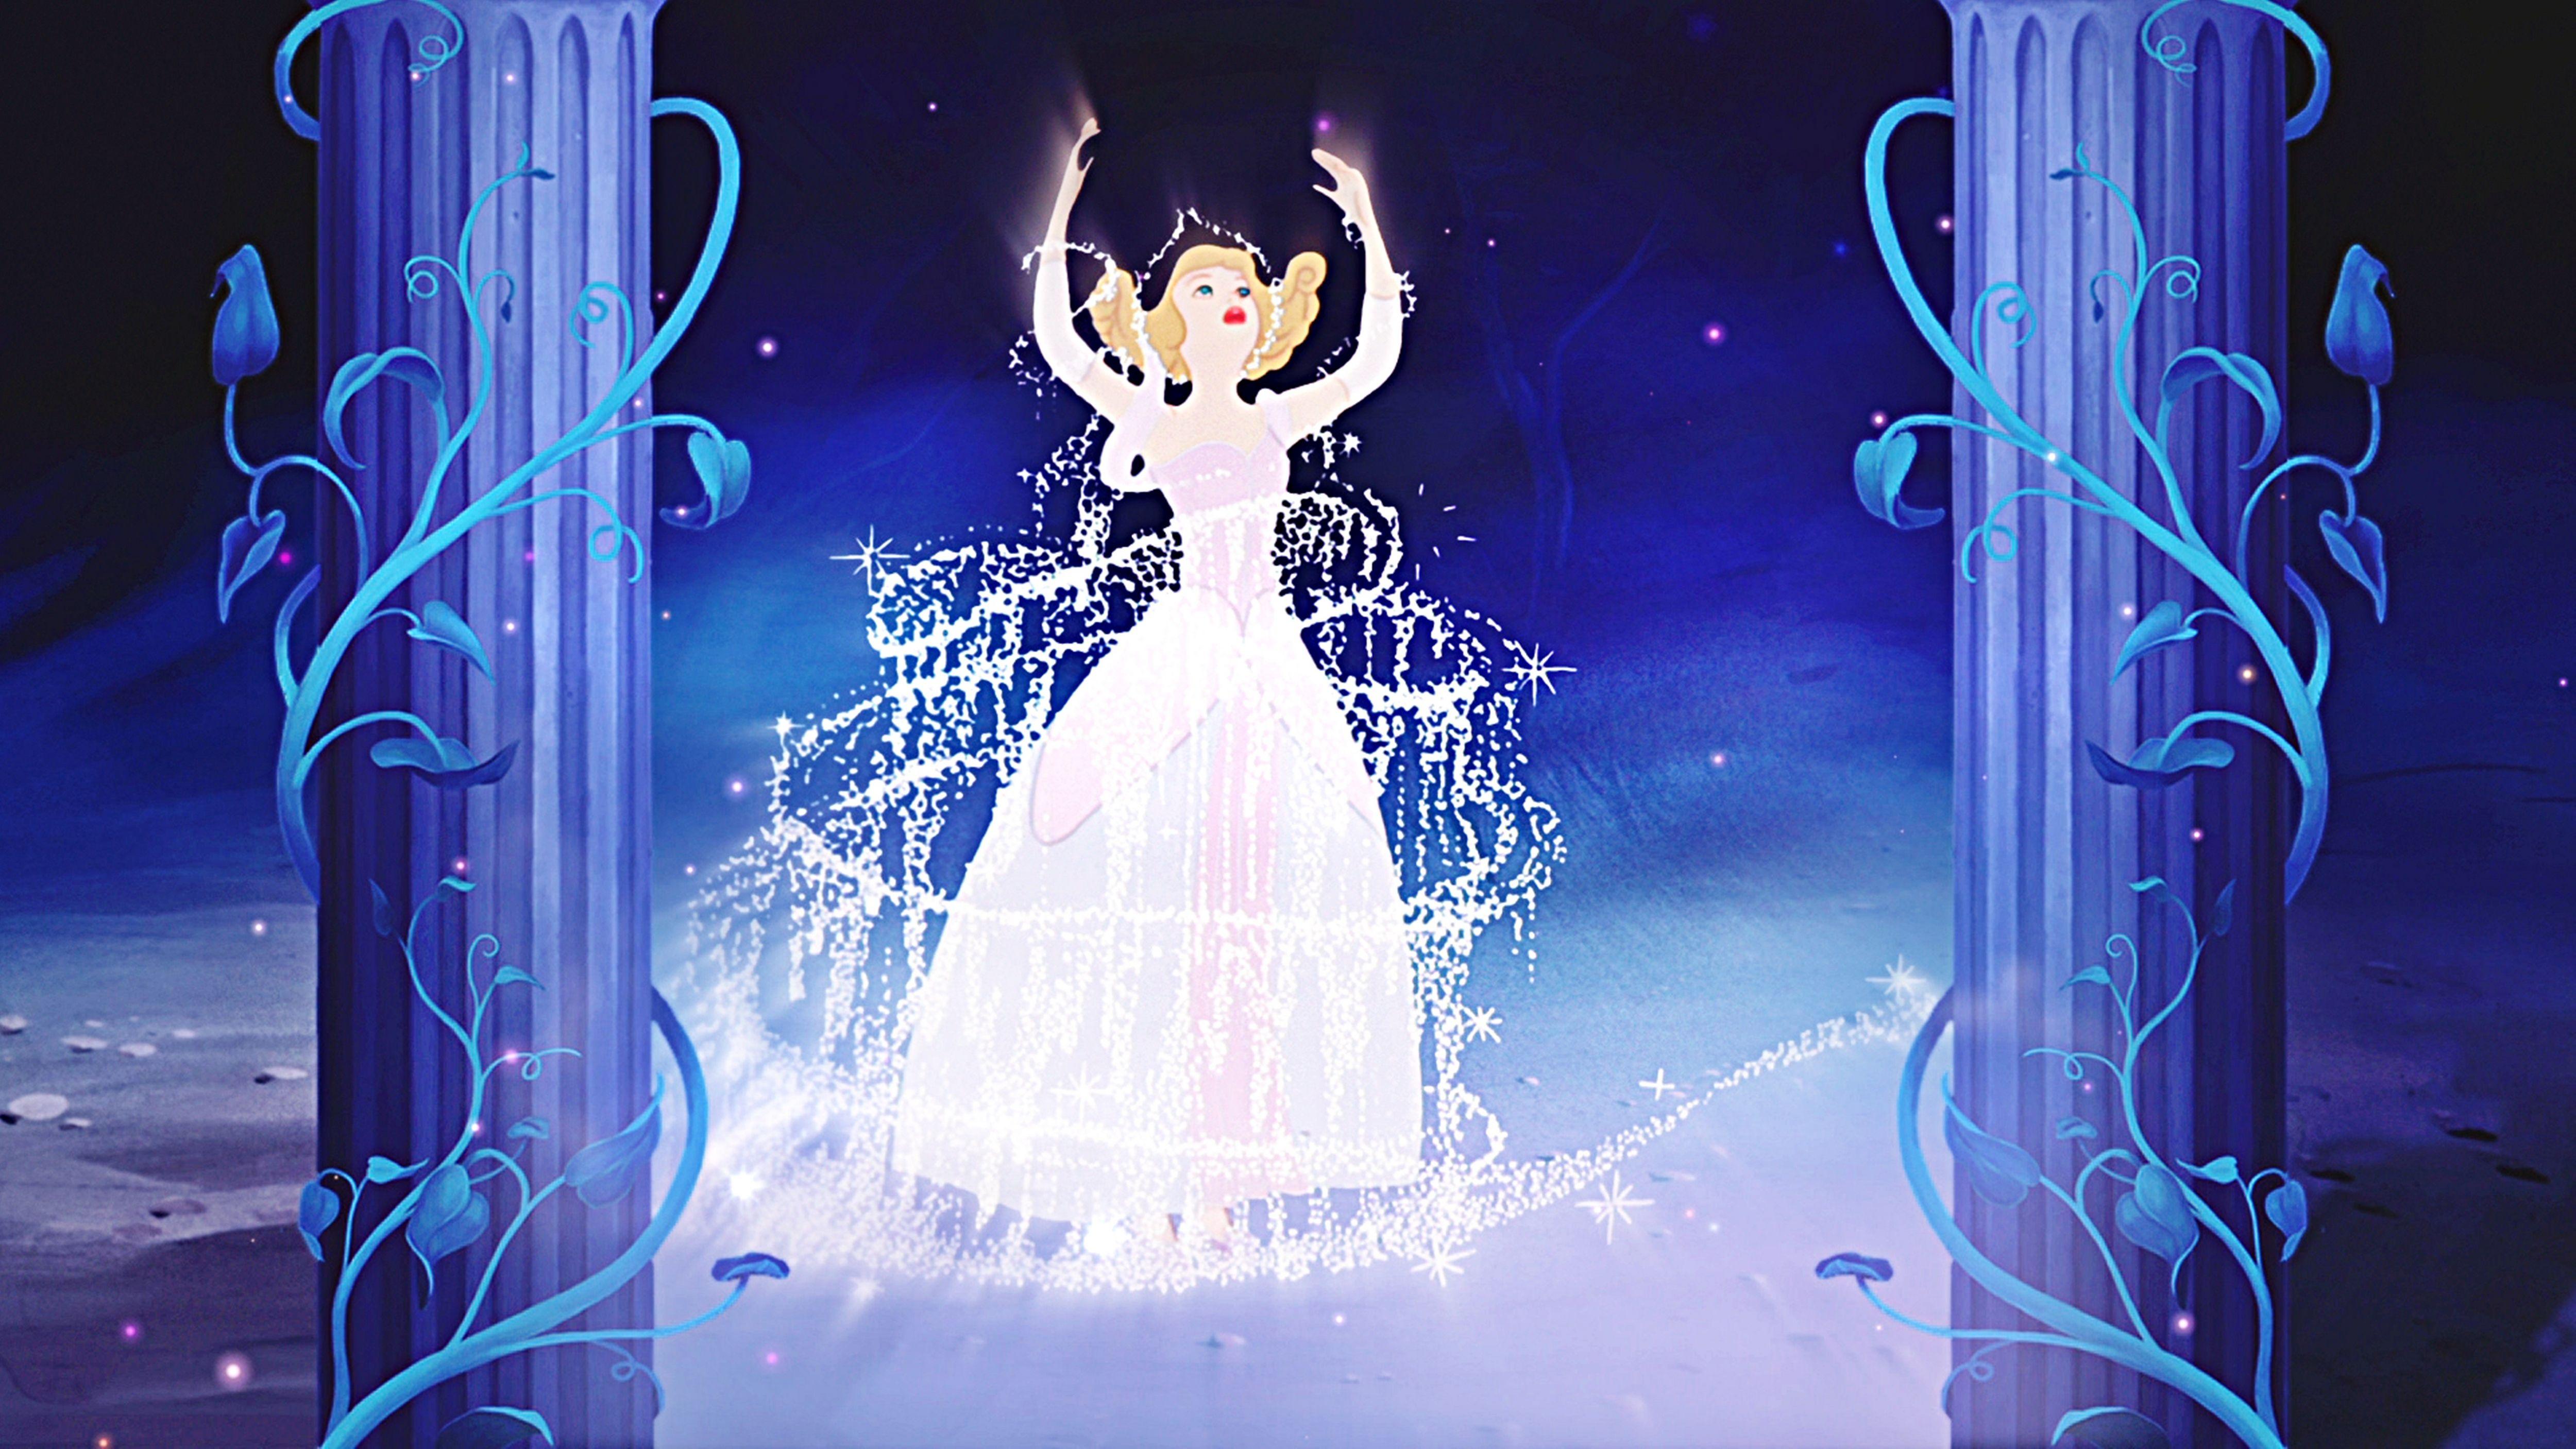 Disney princess cinderella wallpapers hd wallpaper cave - Disney tablet wallpaper ...